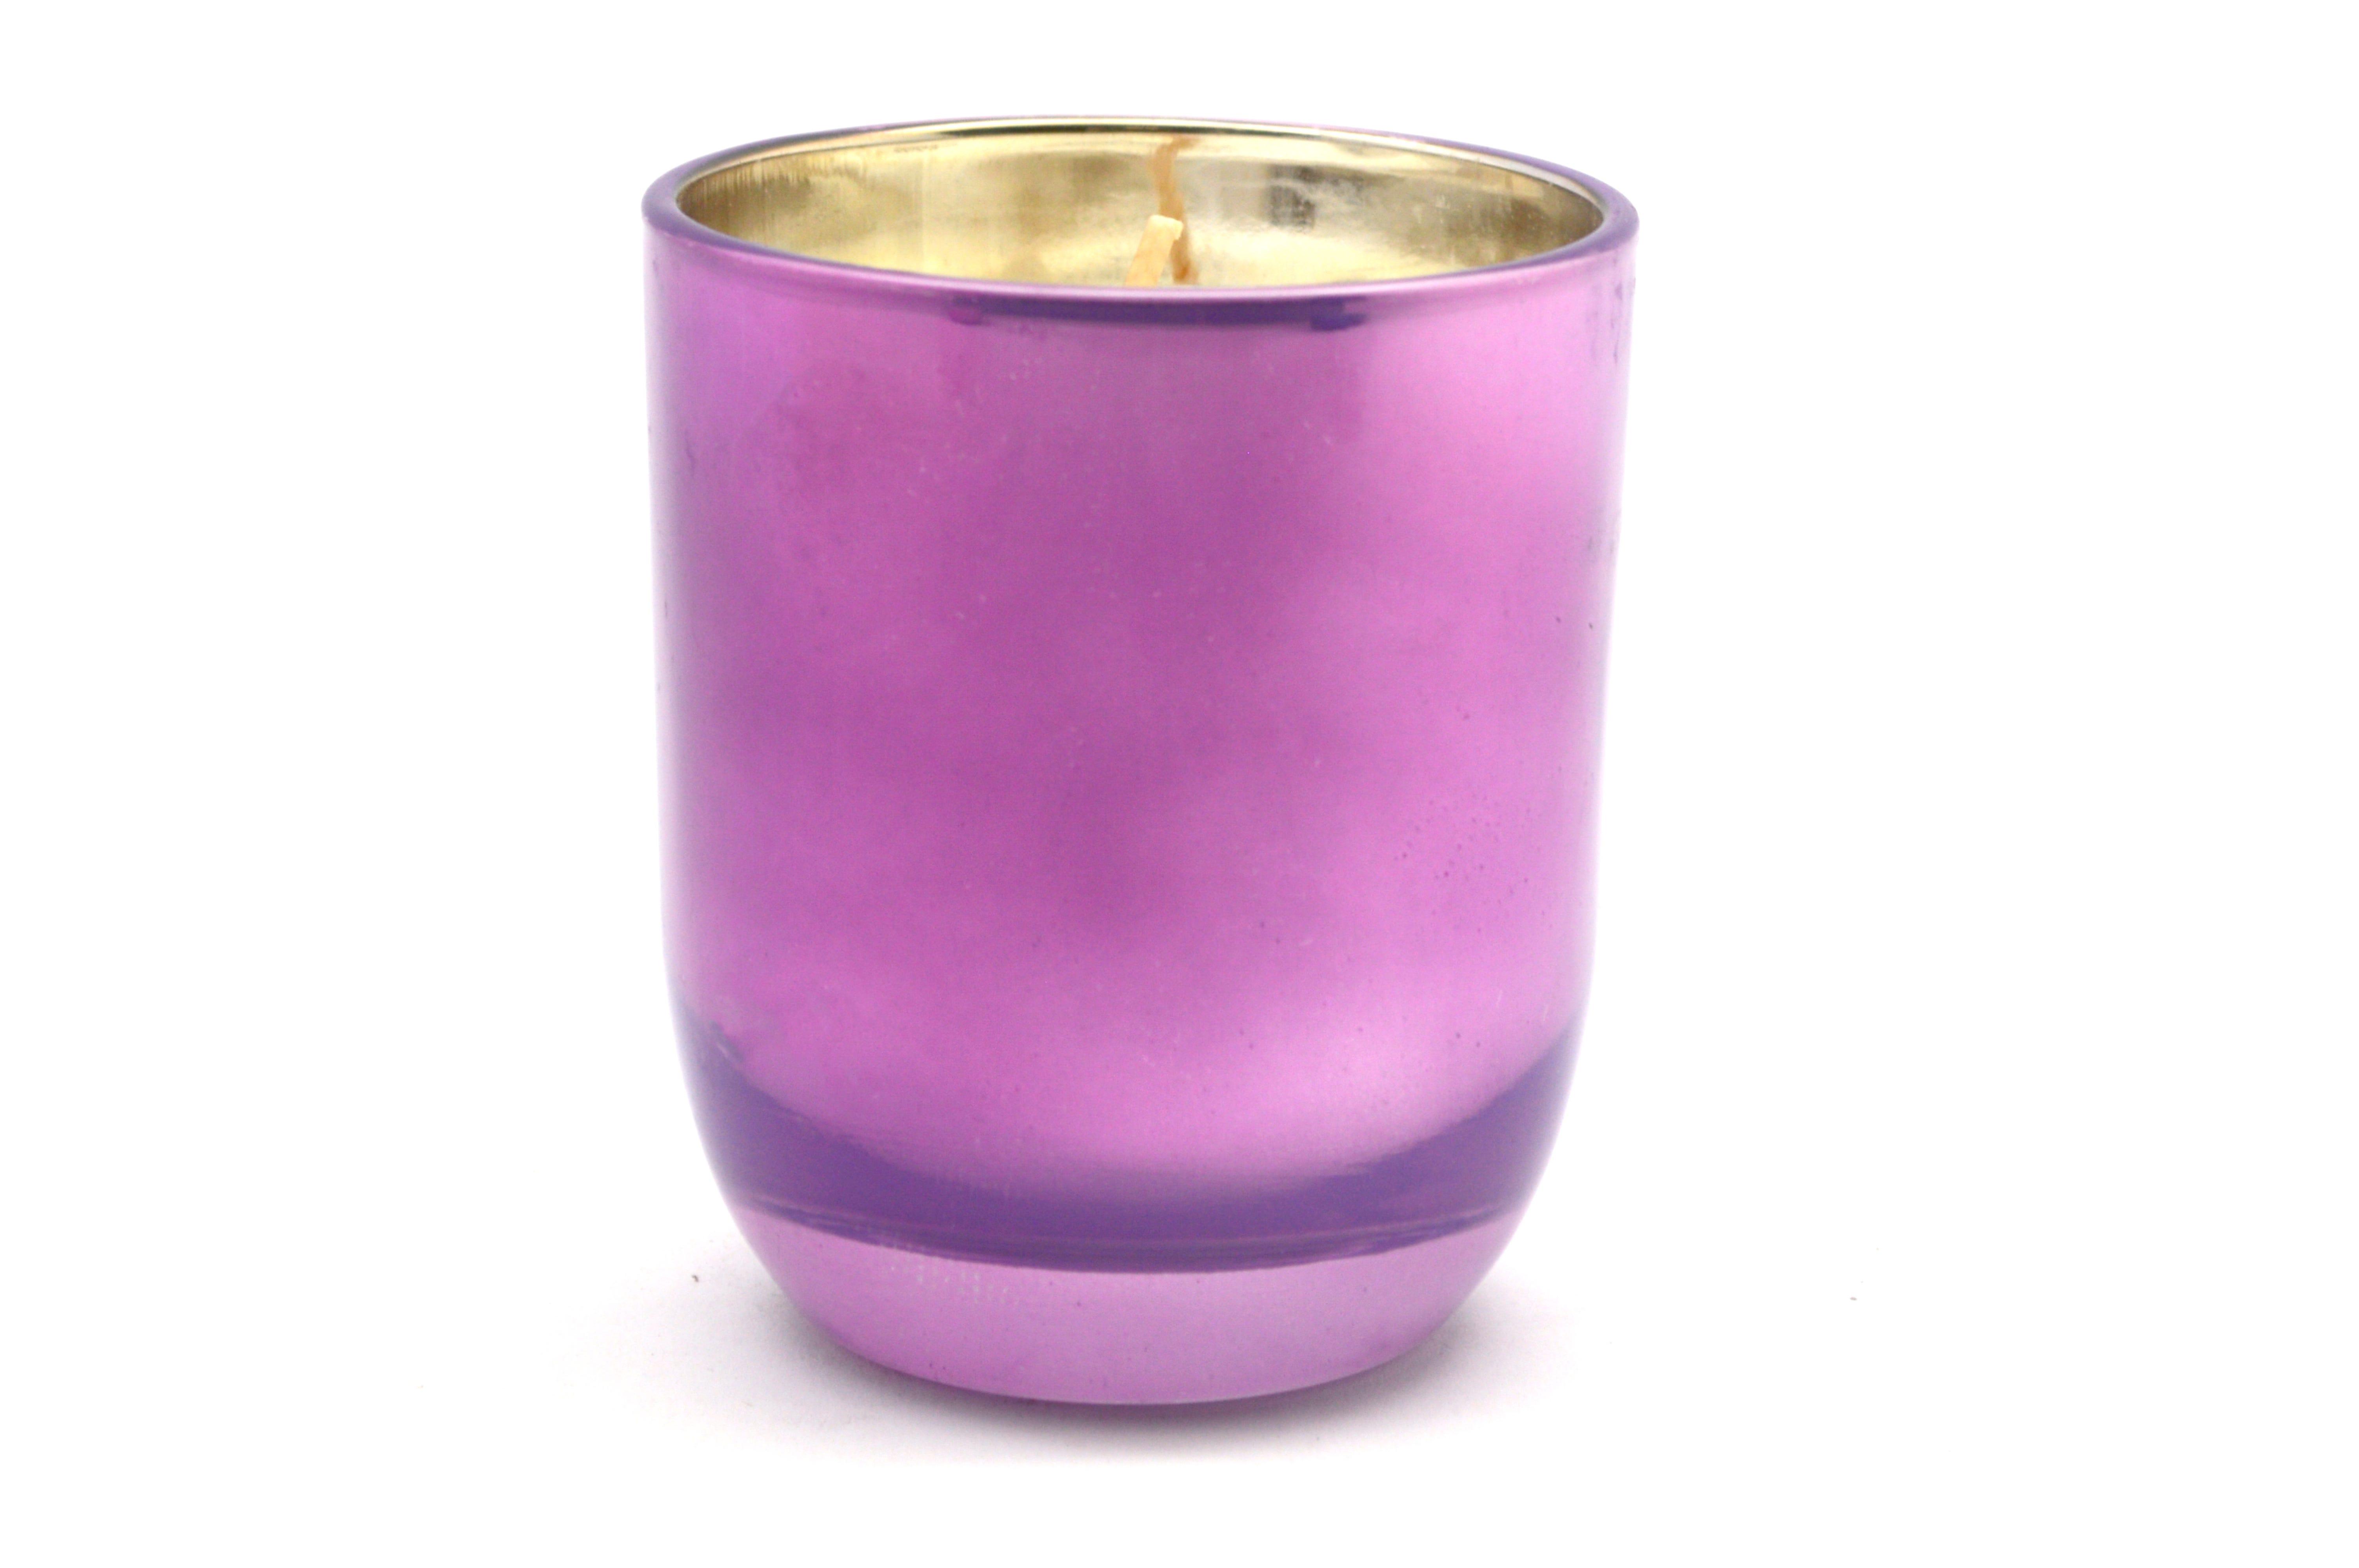 Vela en vaso Casa Mila Home Lifestyle aroma lavanda, 140 g en morado